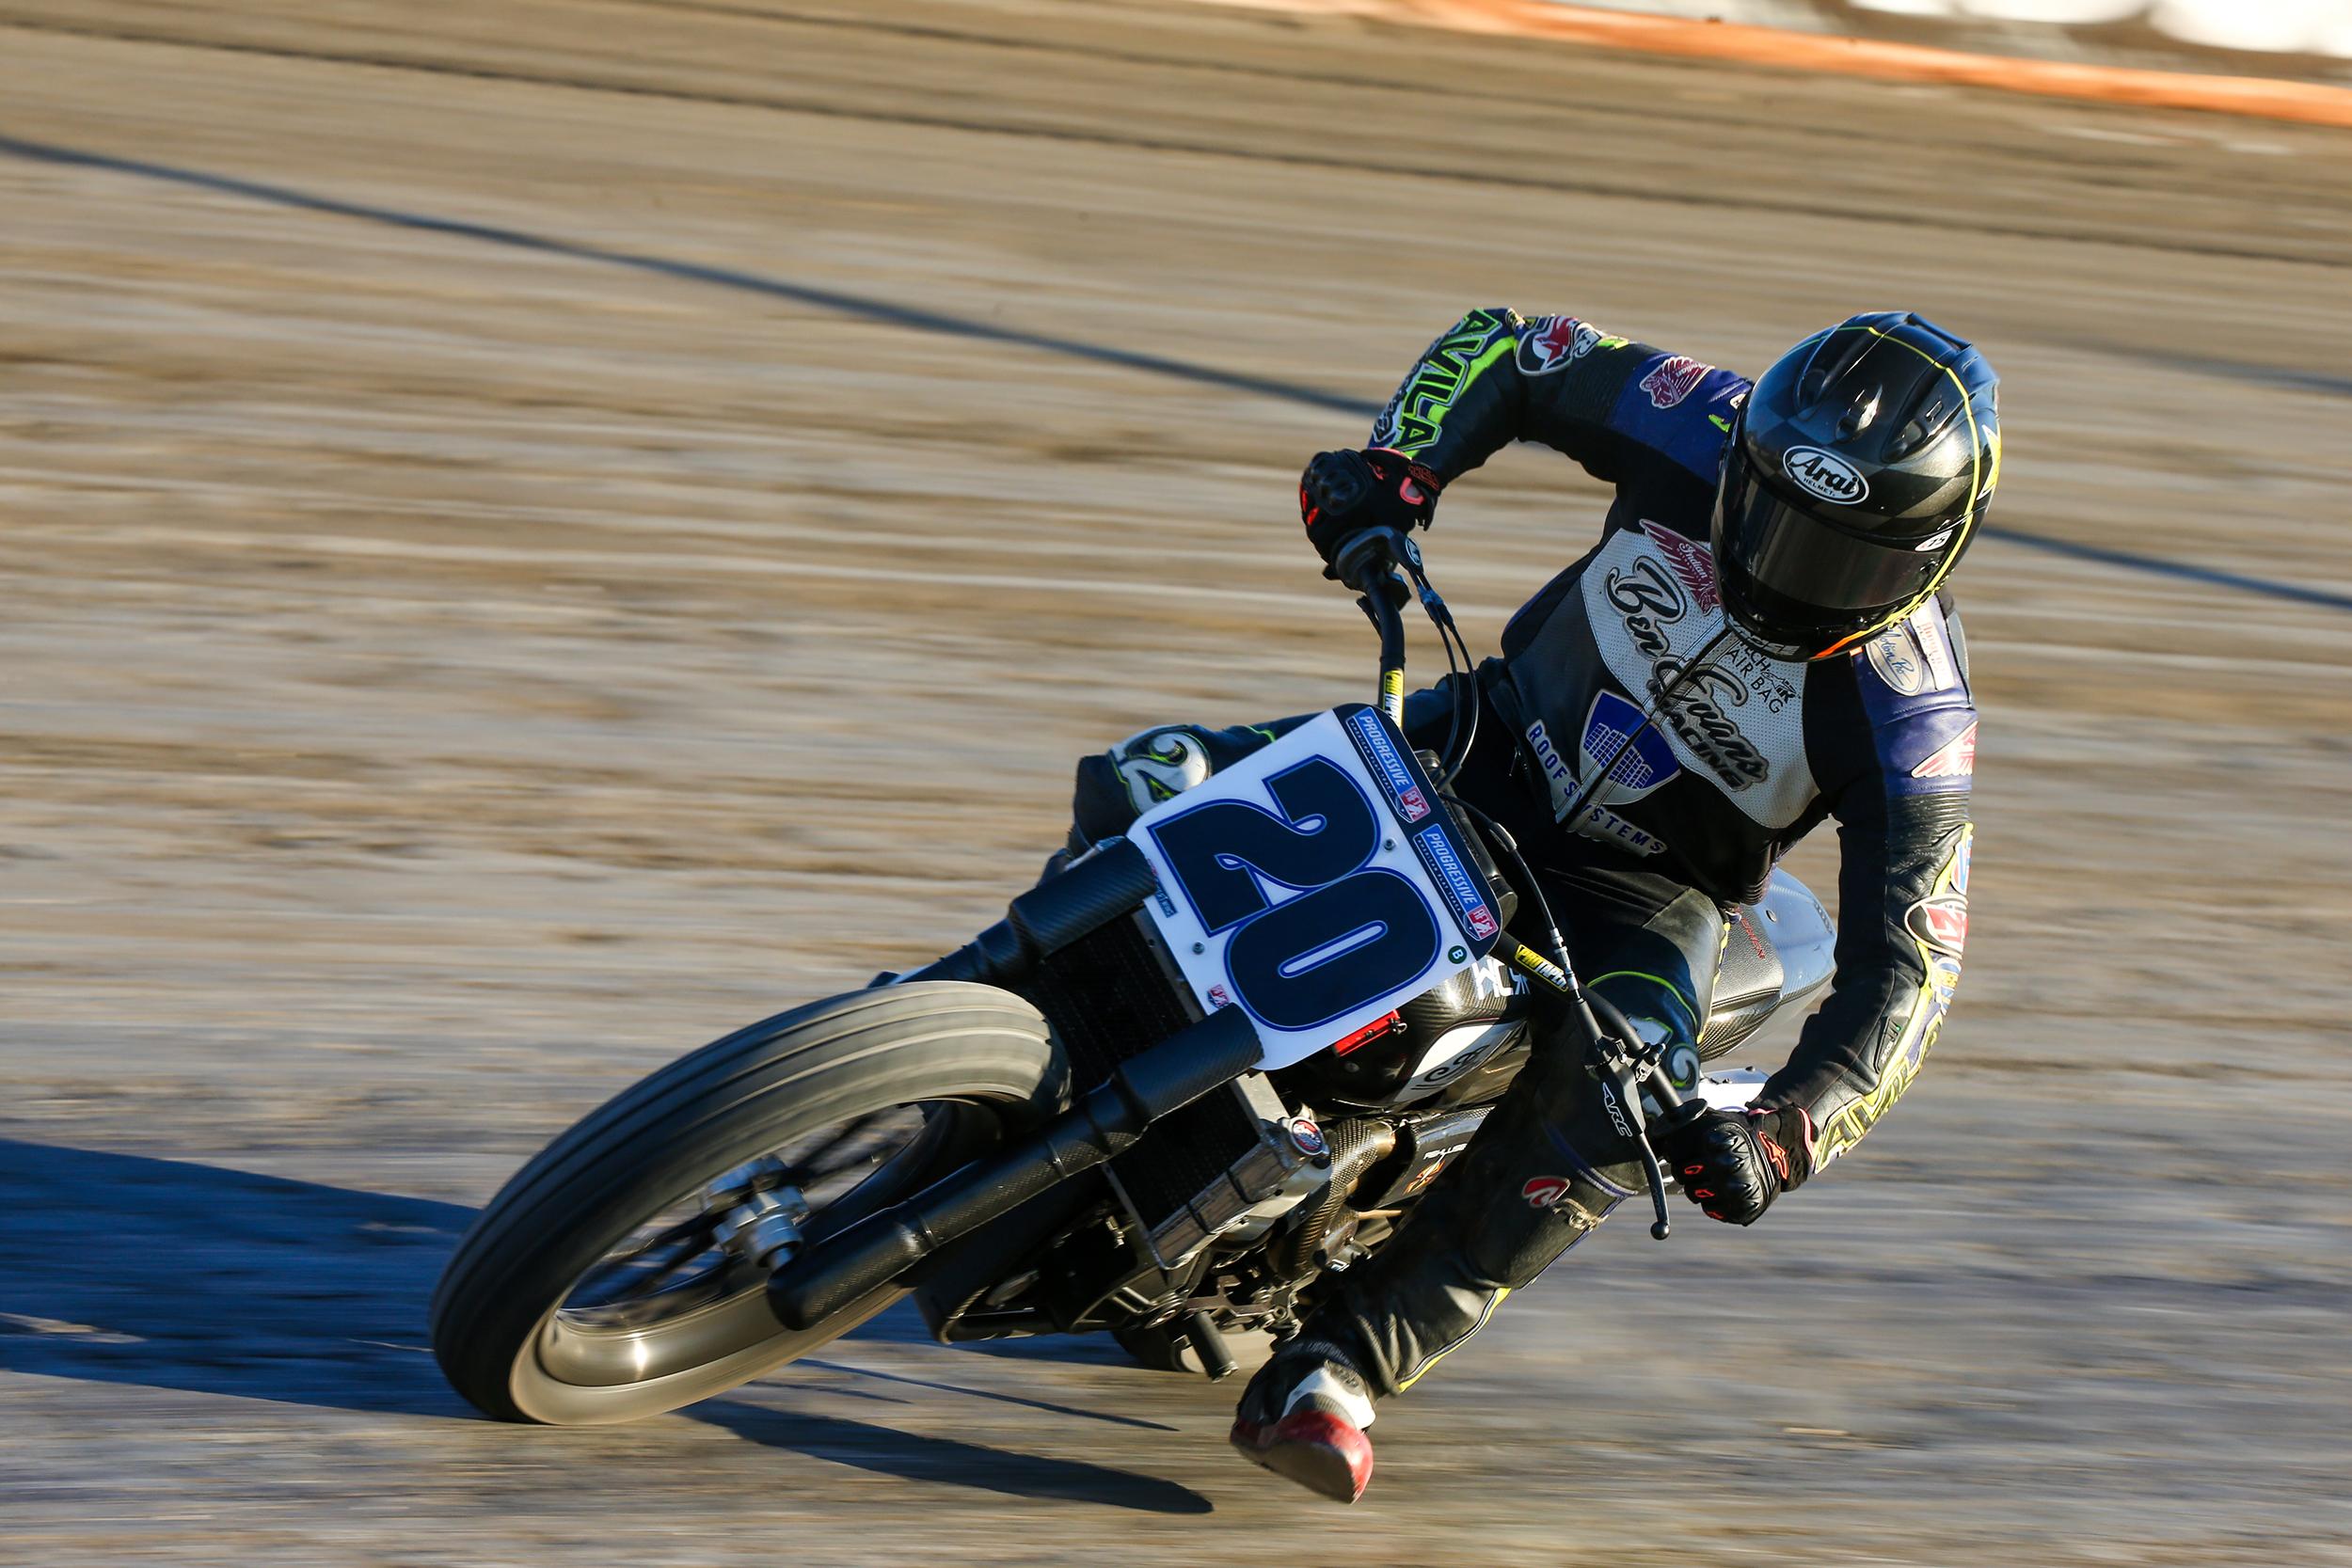 Jarod Vanderkooi (No. 20 JCS Racing HCRR Indian FTR750)